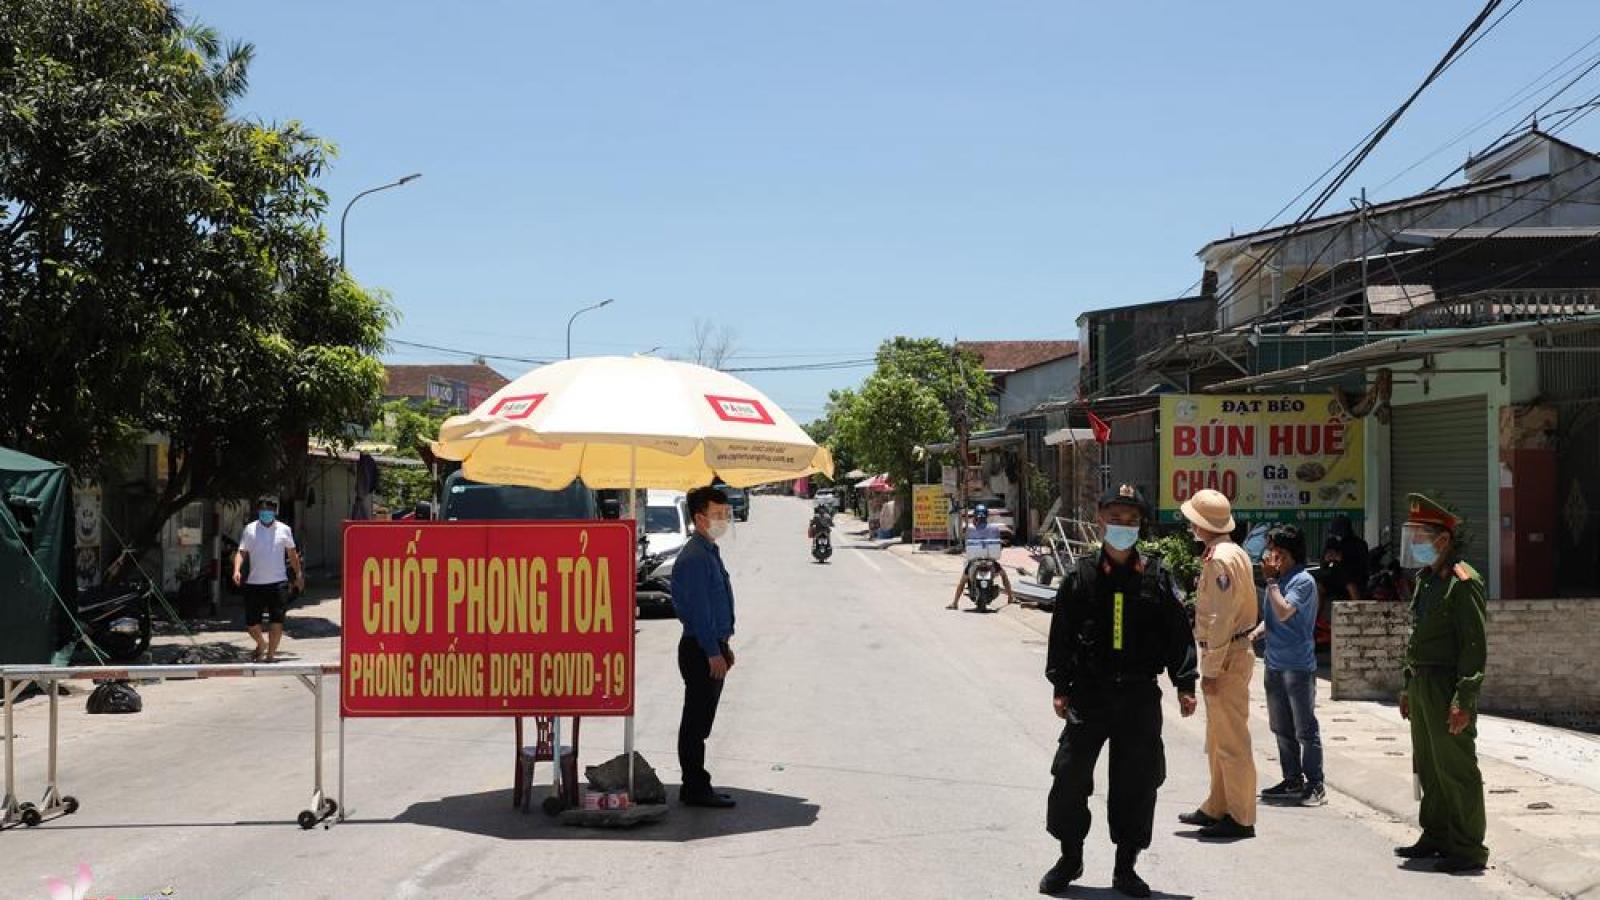 Giãn cách xã hội, người dân Nghệ An không lo thiếu thực phẩm